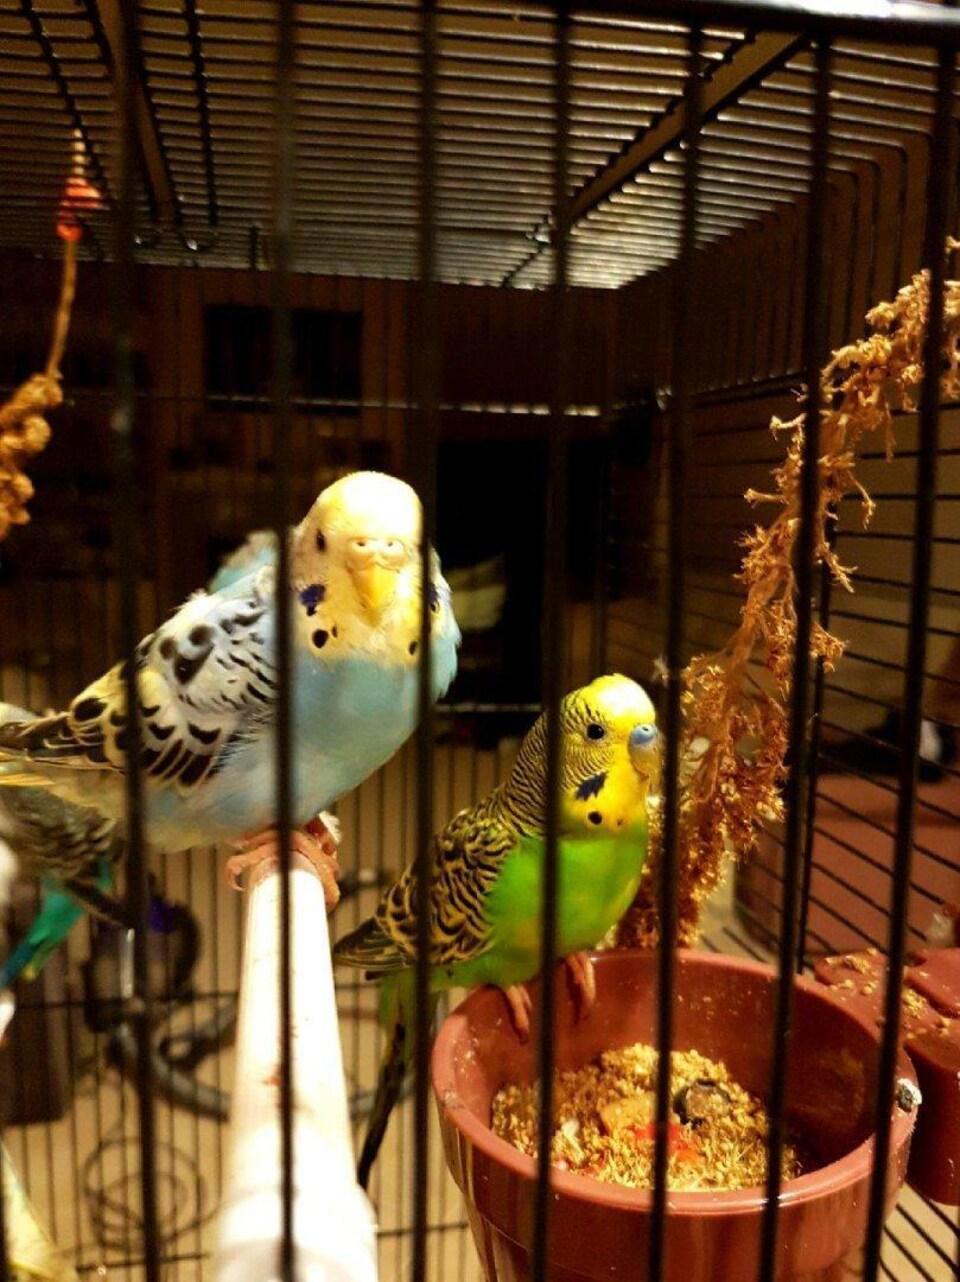 Des oiseaux mangent des graines dans une cage.